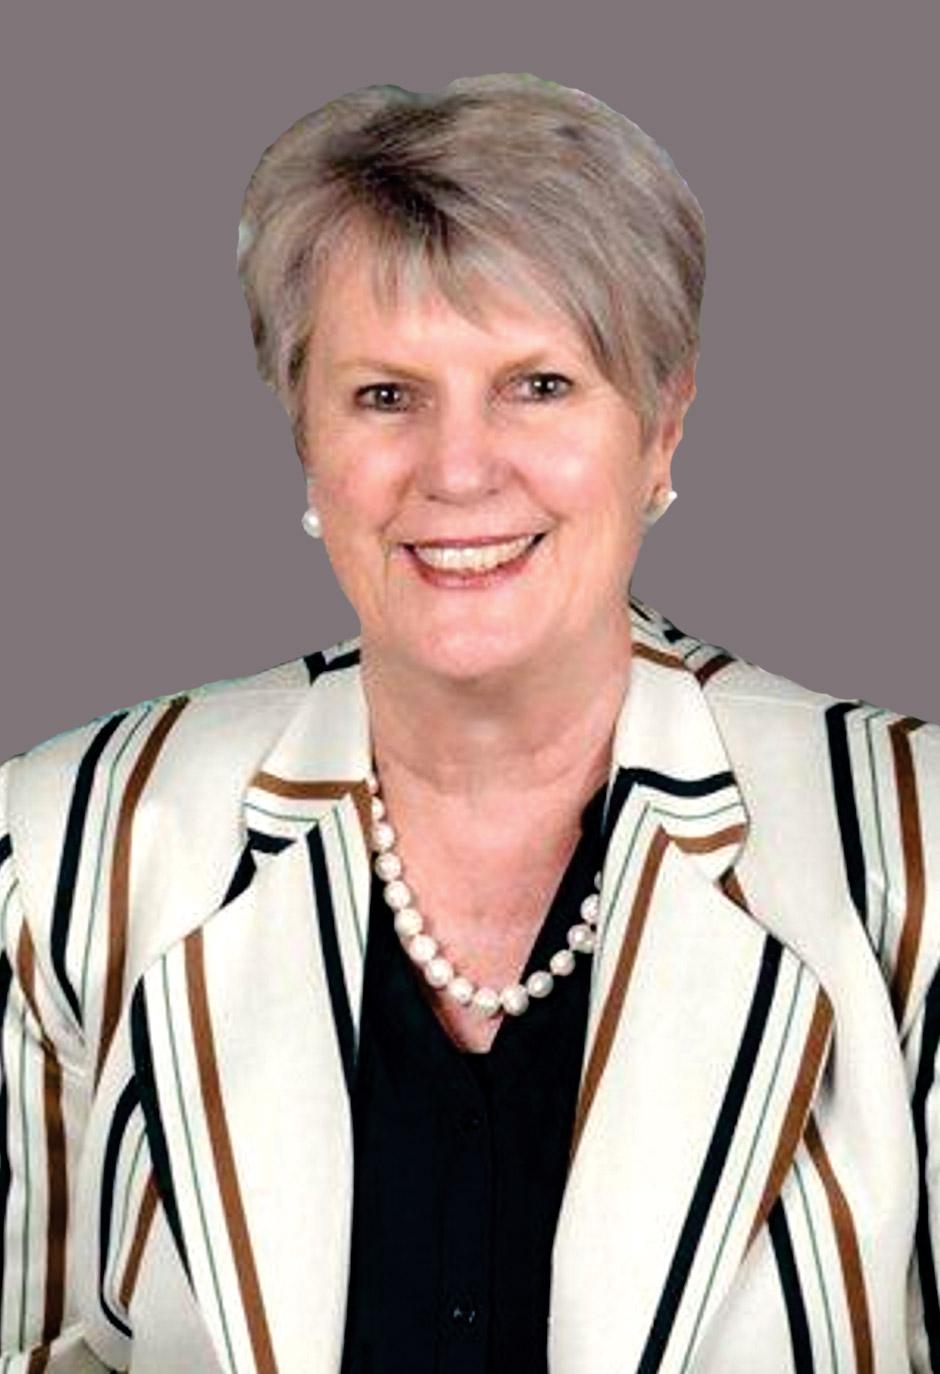 Wilna van Rooyen word aangestel as nuwe Voorskoolhoof. (2004-2007; 2009-Huidig)